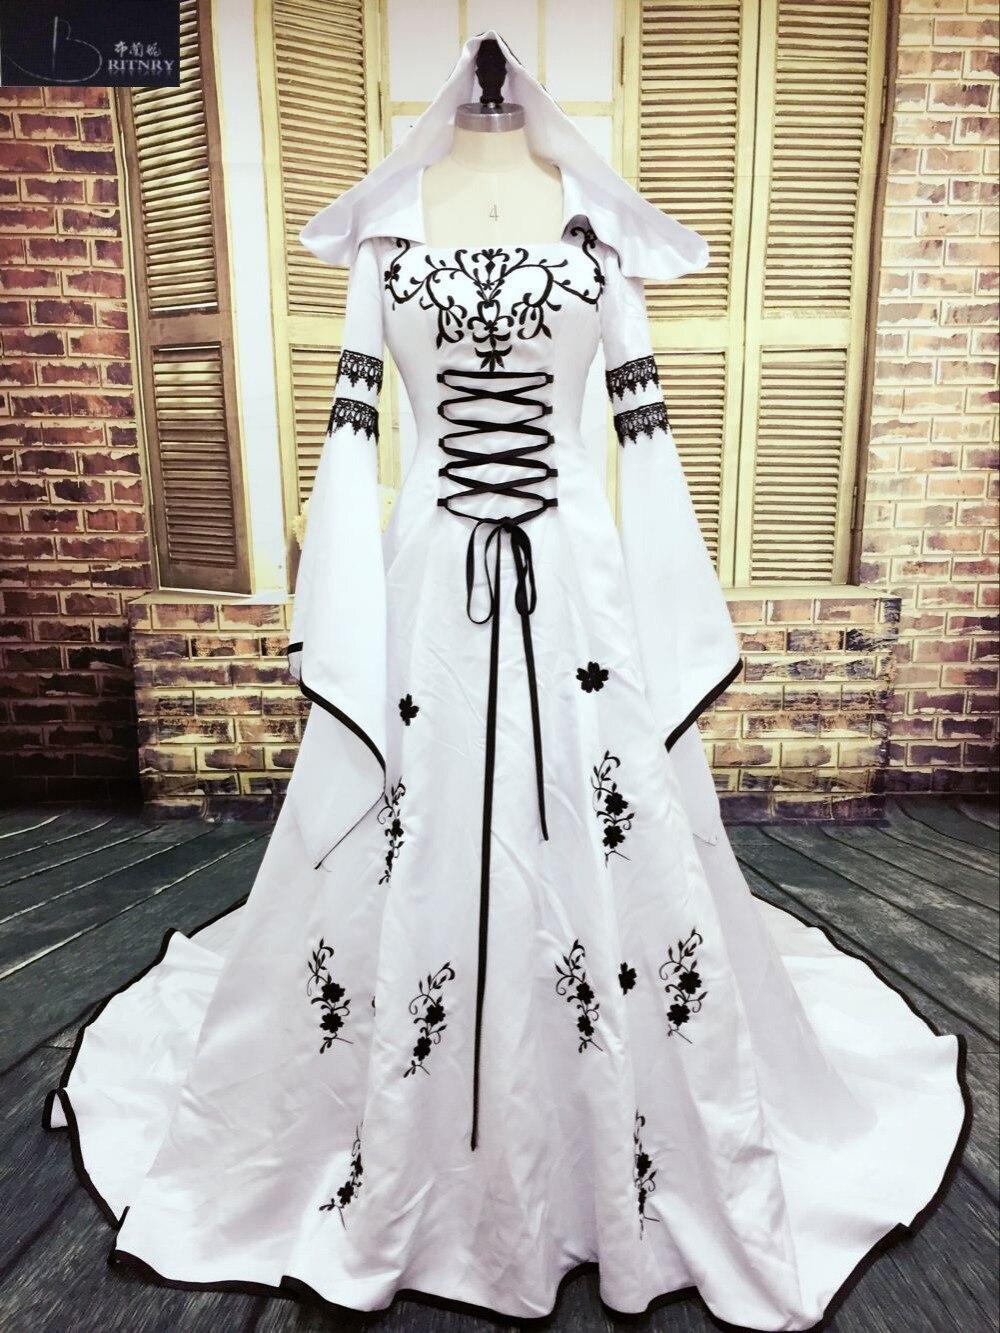 Vestido De boda Medieval, vestido De novia personalizado, vestido De novia bordado, línea blanca y negra, vestido De novia De satén